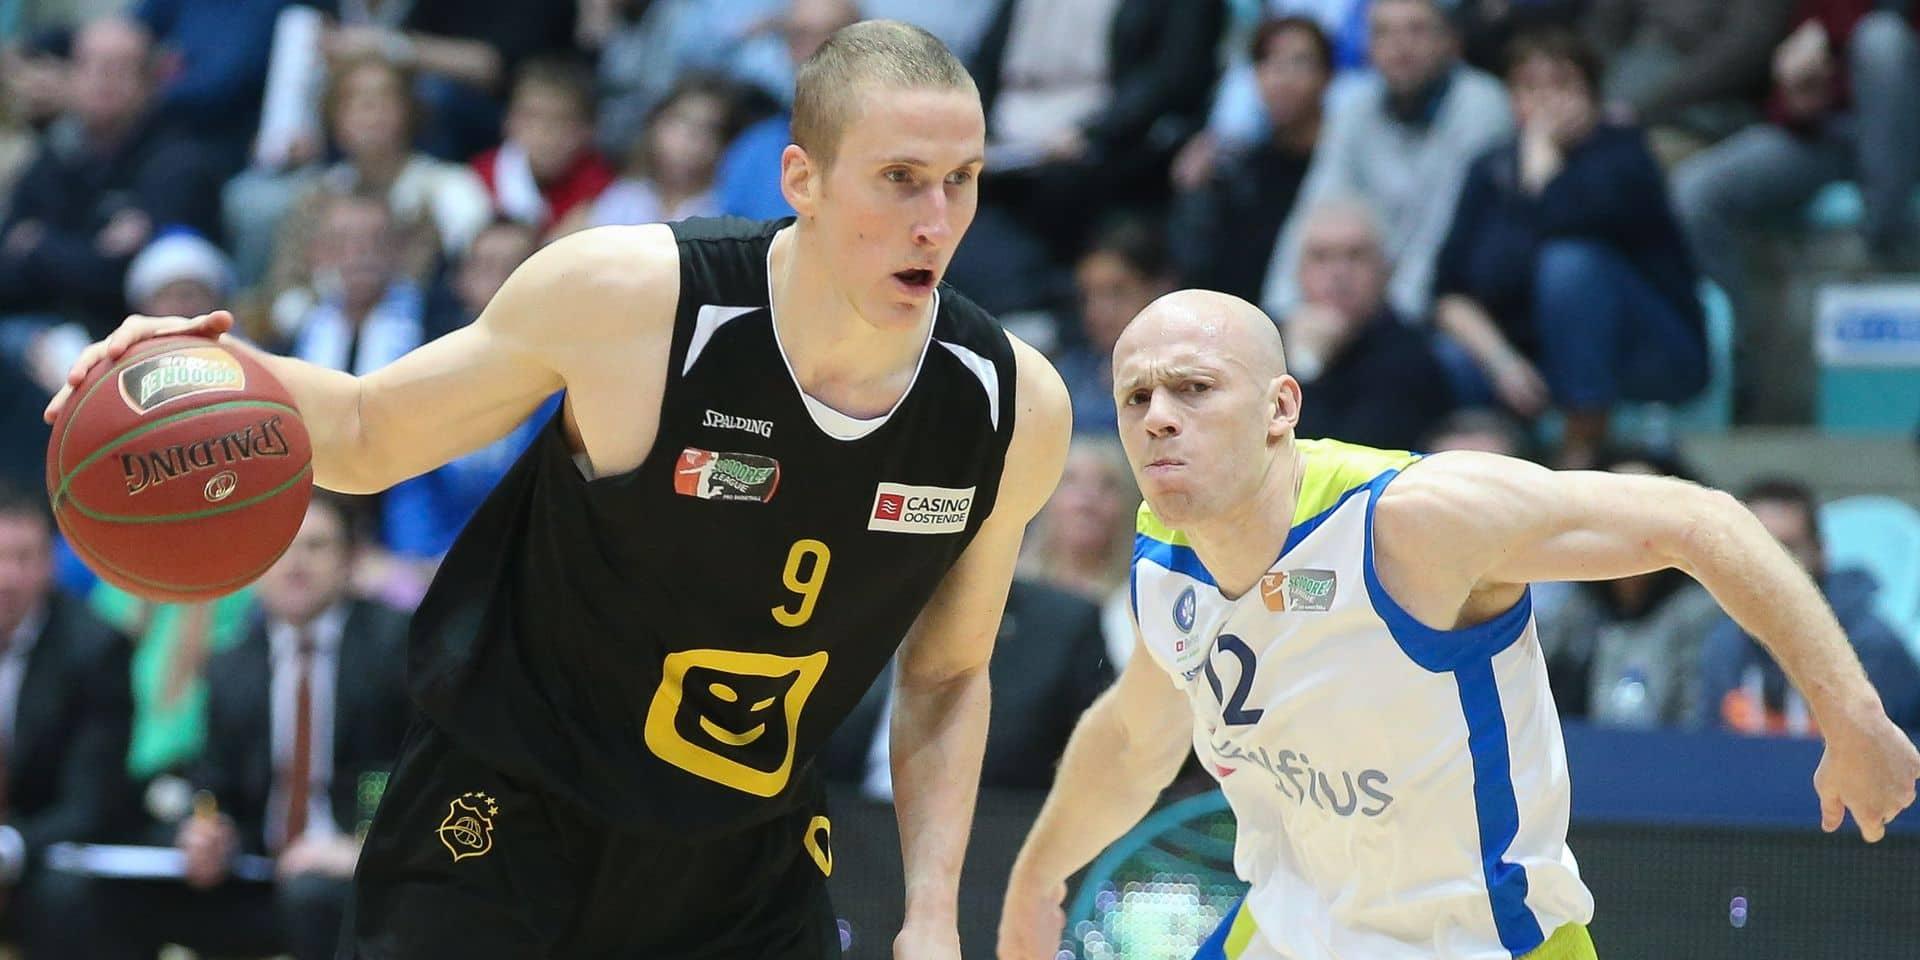 """Niels Marnegrave avant la finale de basket: """"Pour être honnête, je vois Ostende s'imposer car Mons a laissé beaucoup d'énergie en demi"""""""